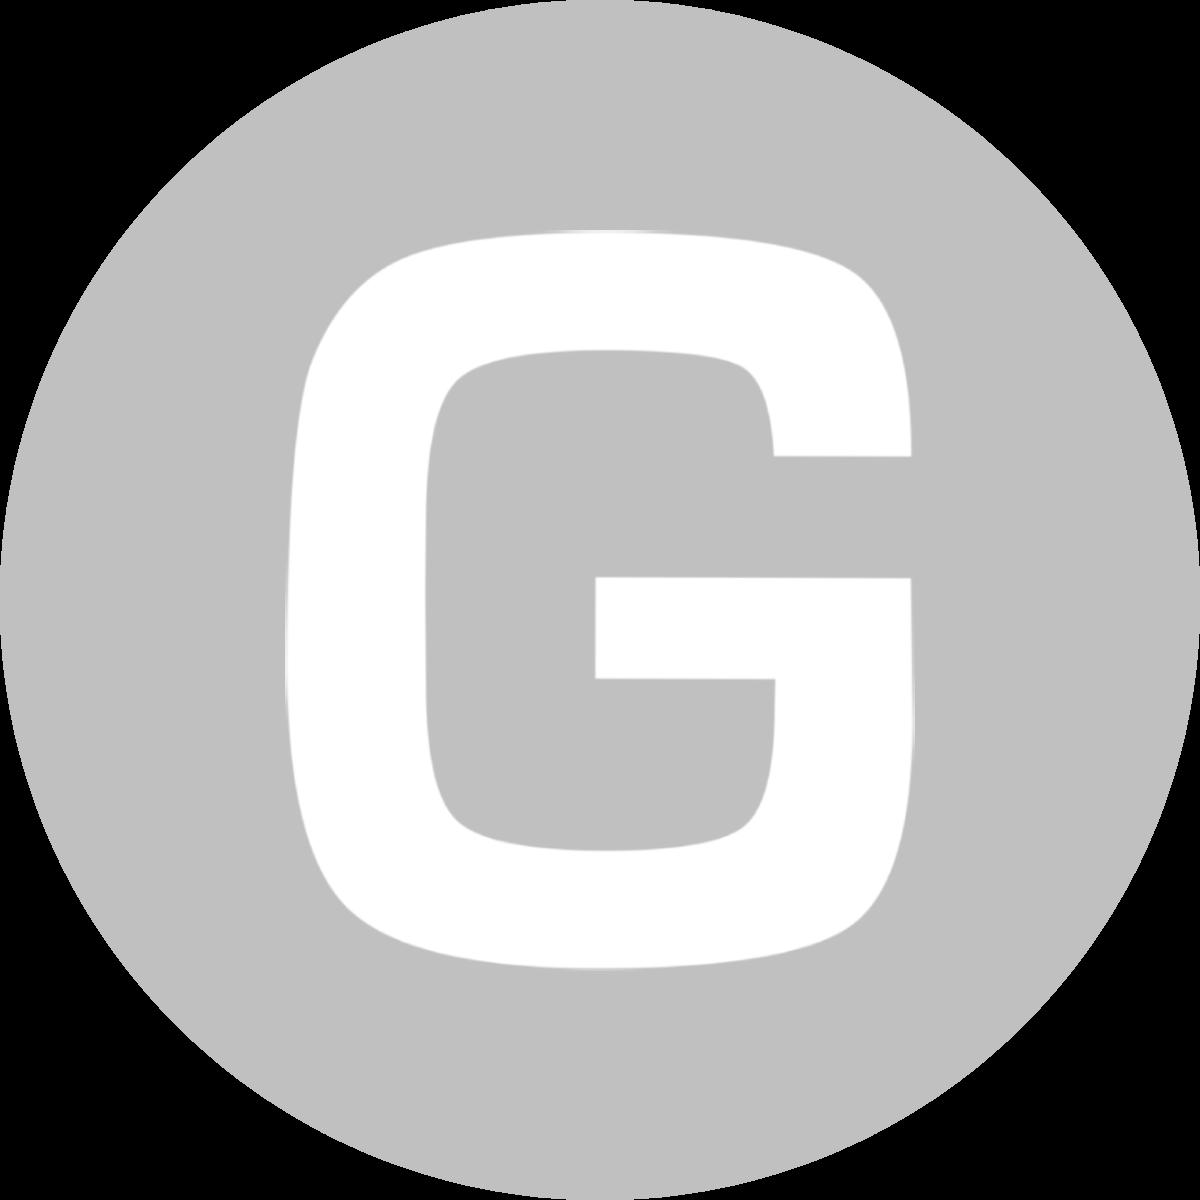 Bridgestone E6 Hvit 3 baller / 36 Baller